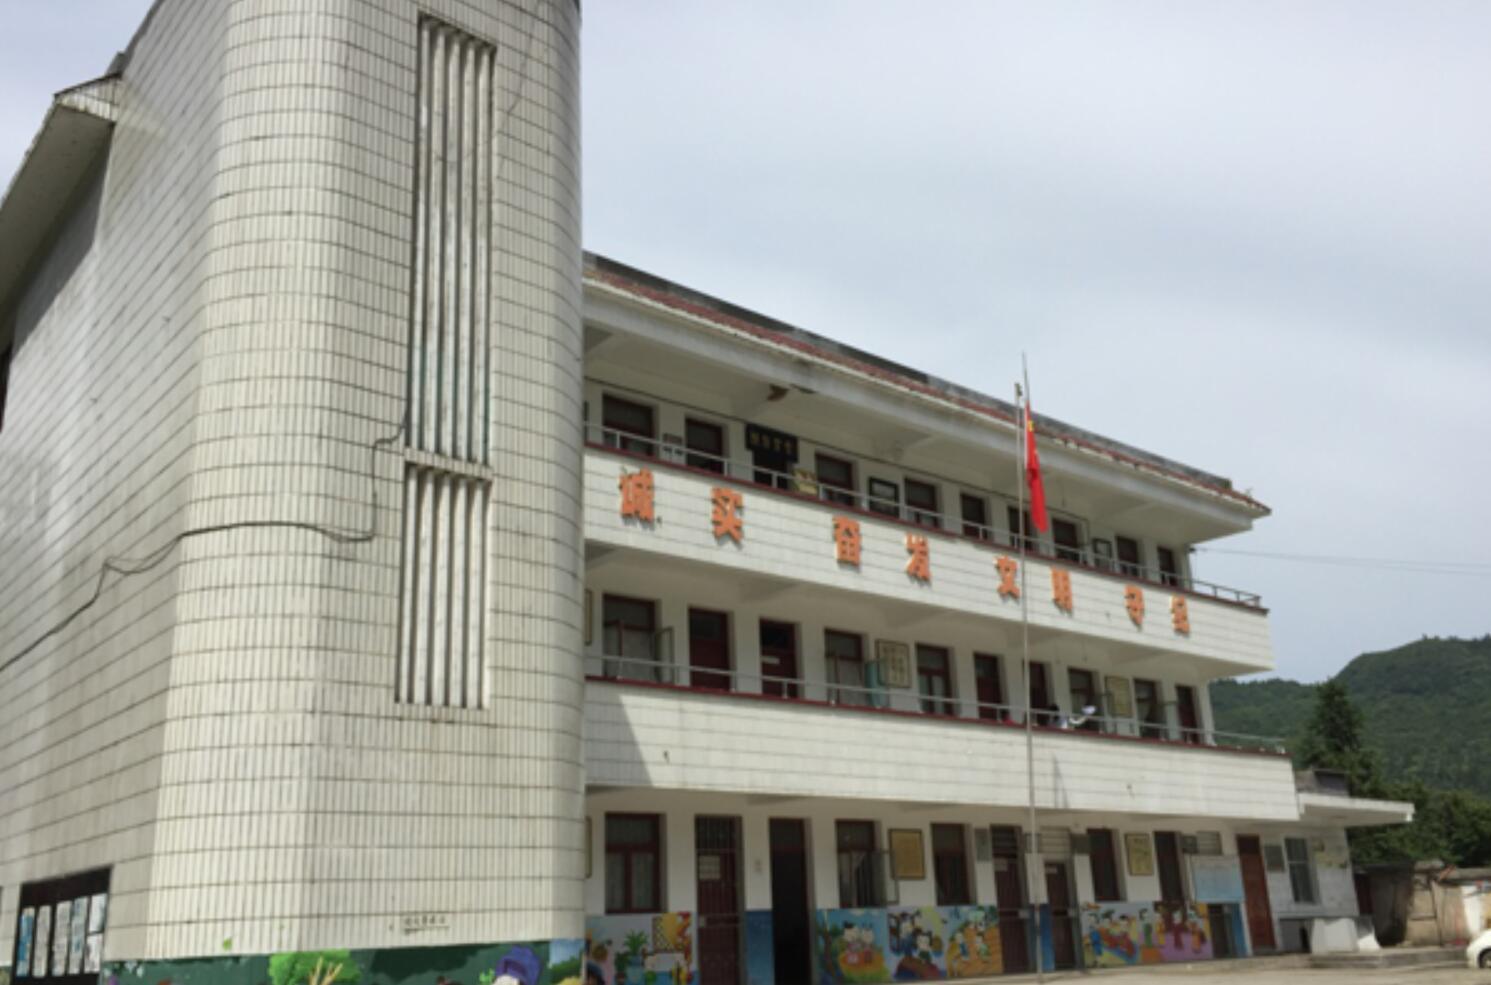 贵阳乌当区羊昌镇黄连民族小学图片